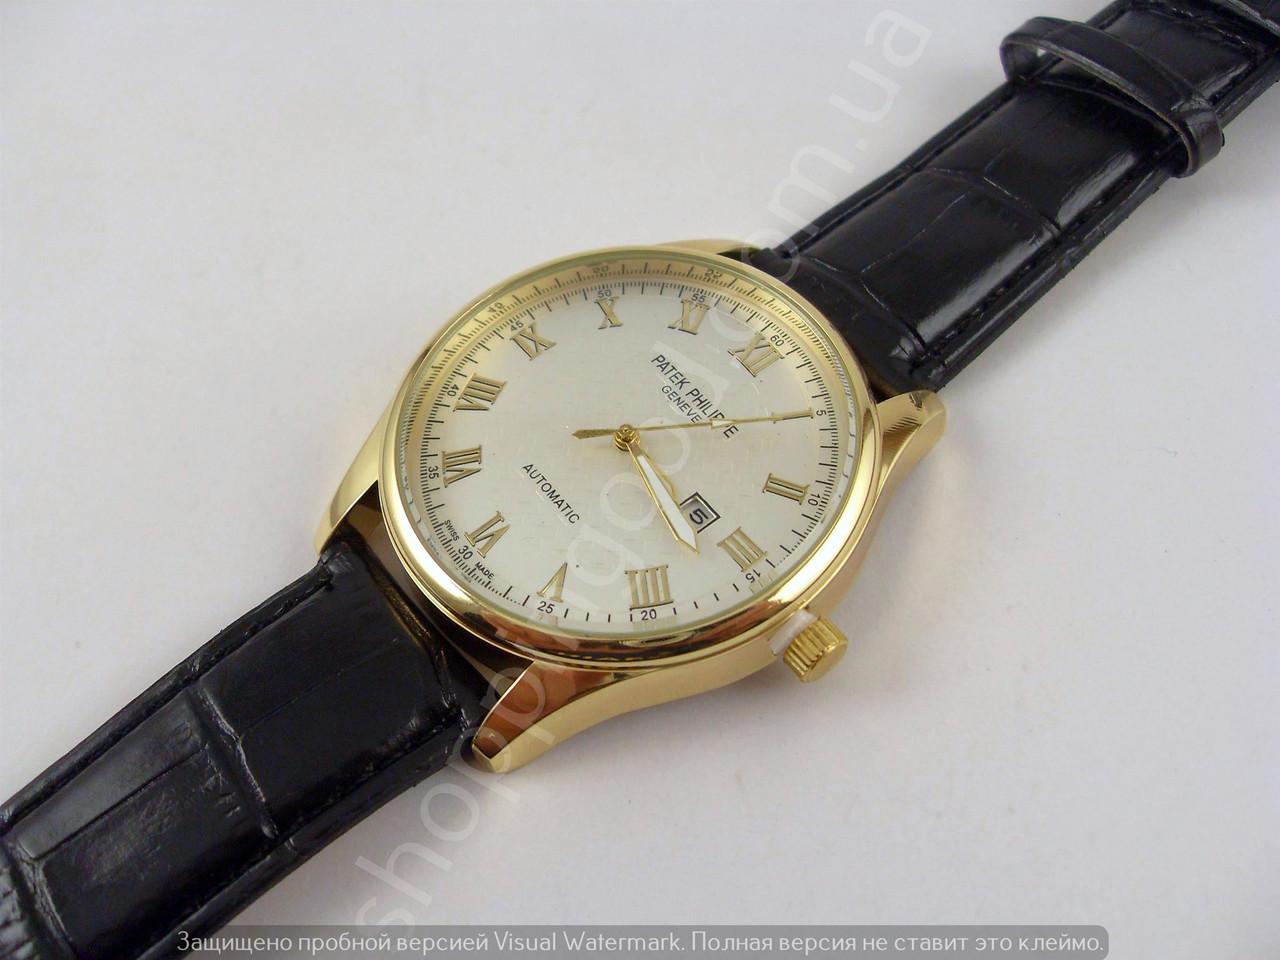 Мужские часы Patek Philippe 4140 золотистые с серебристым циферблатом на  черном ремешке с ... b713d8de065eb